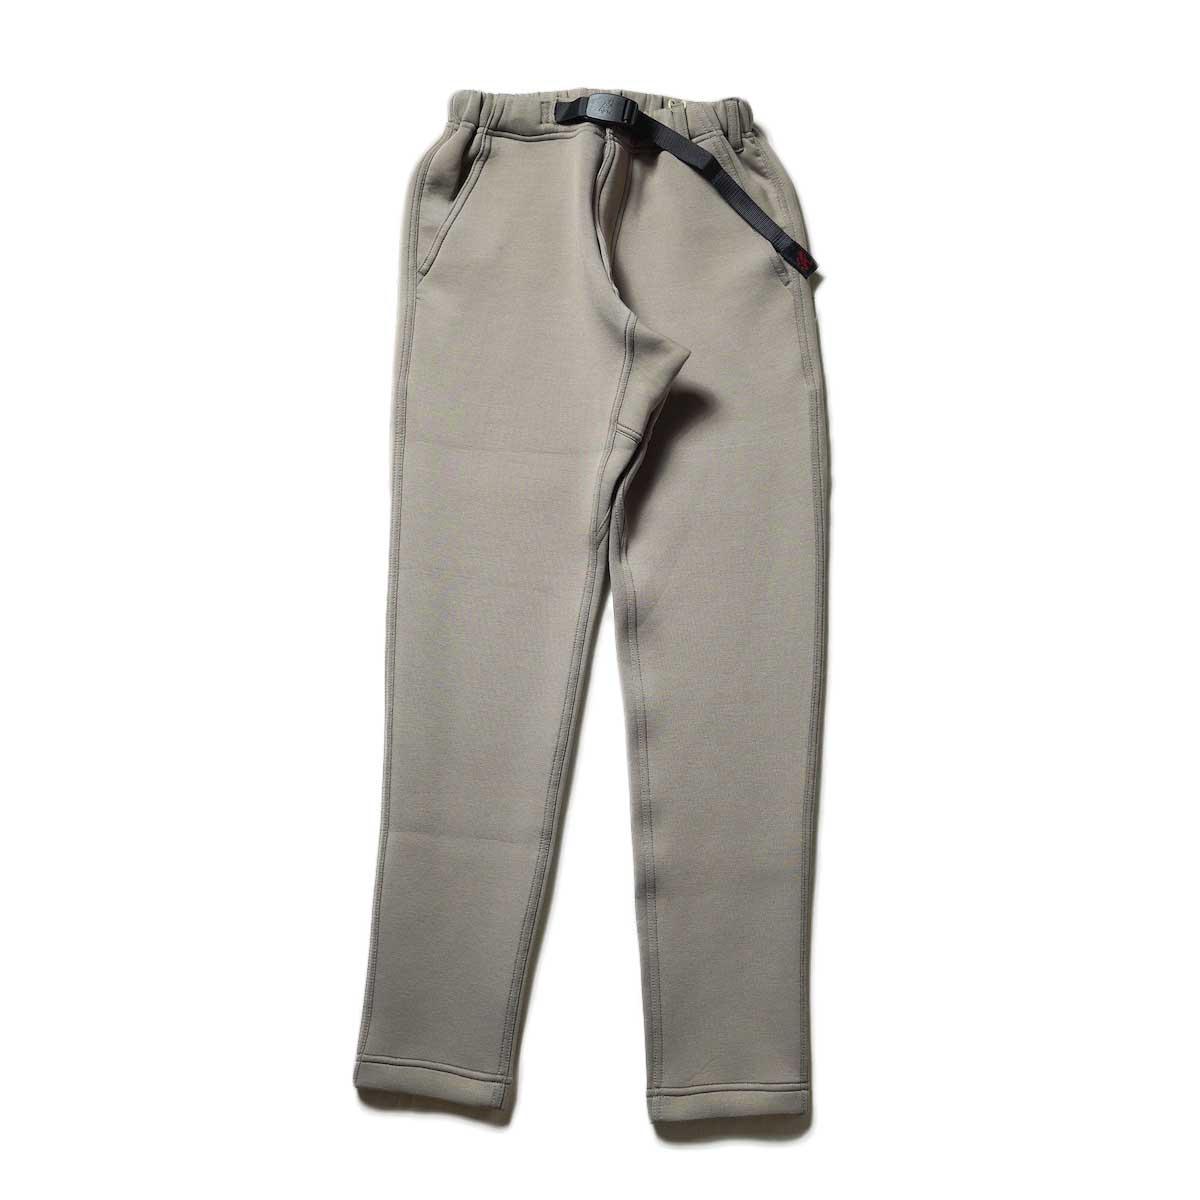 GRAMICCI / TECH KNIT SLIM FIT PANTS (Walnut)